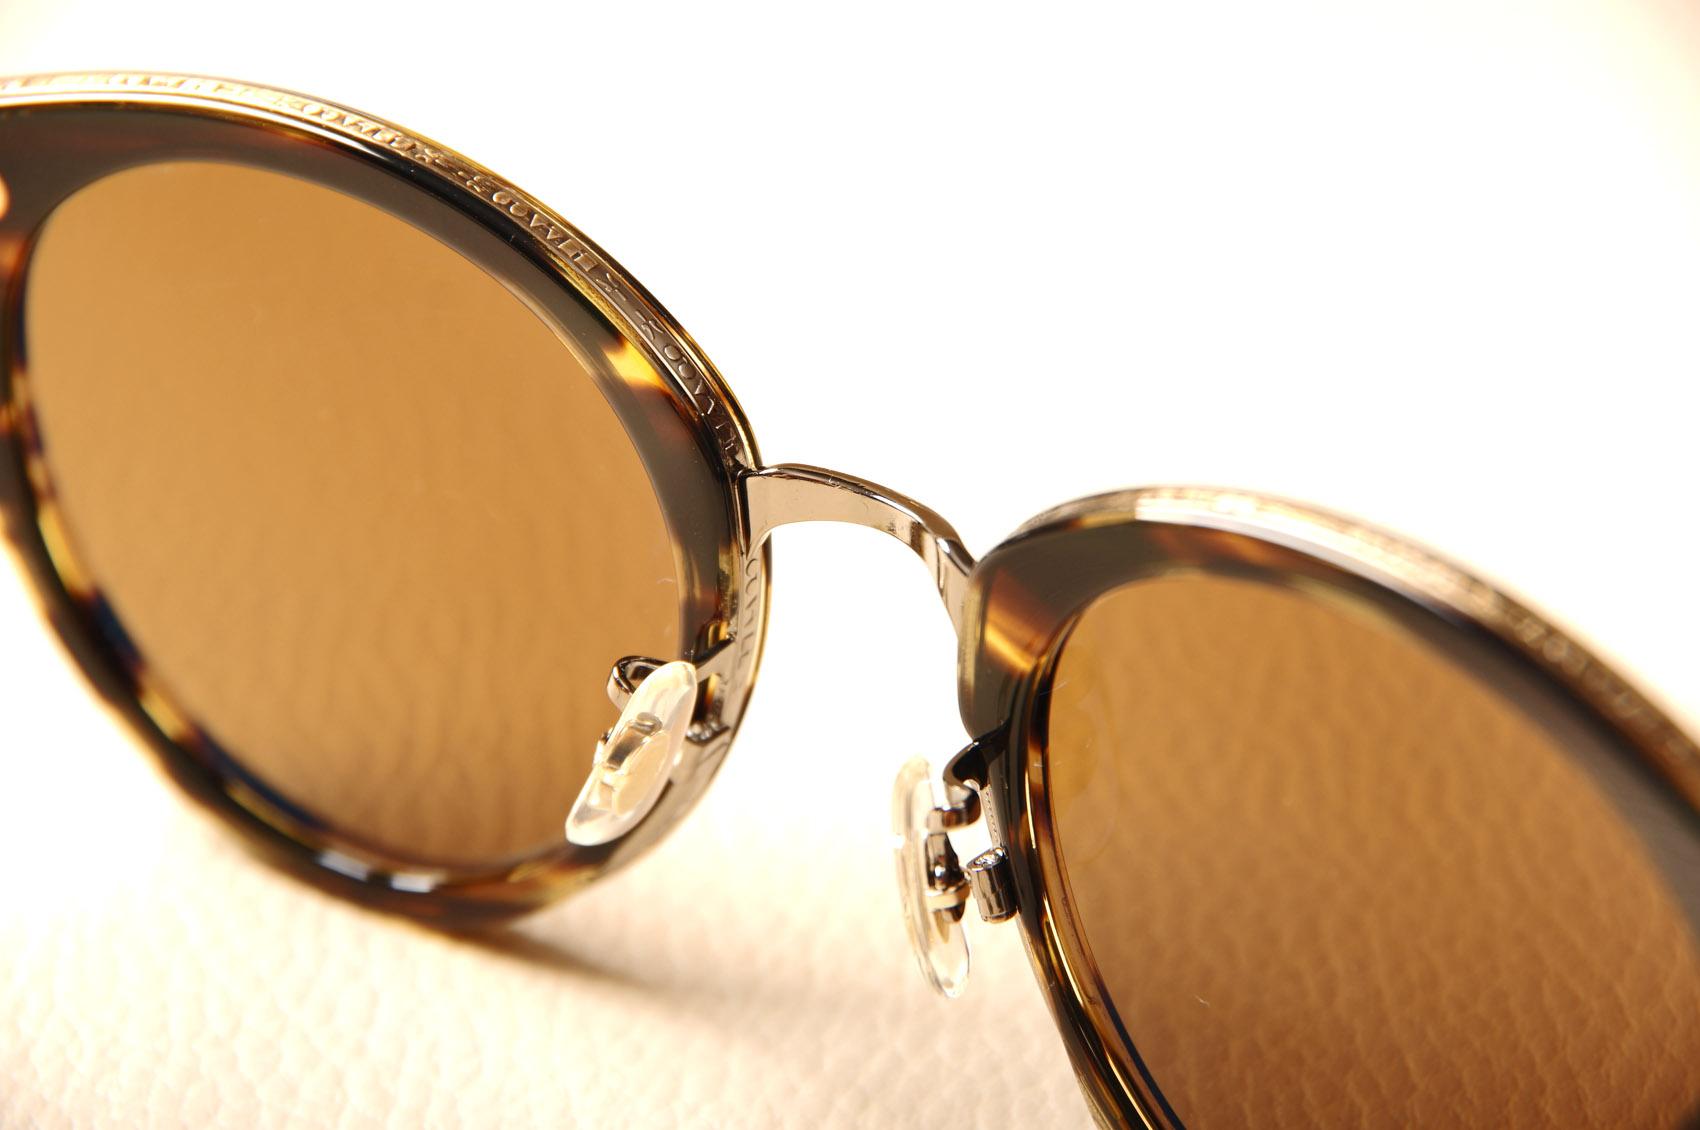 b55e24d854 ... Essayer les lunettes OLIVER PEOPLES SPELMAN près de Deauville 14 ...